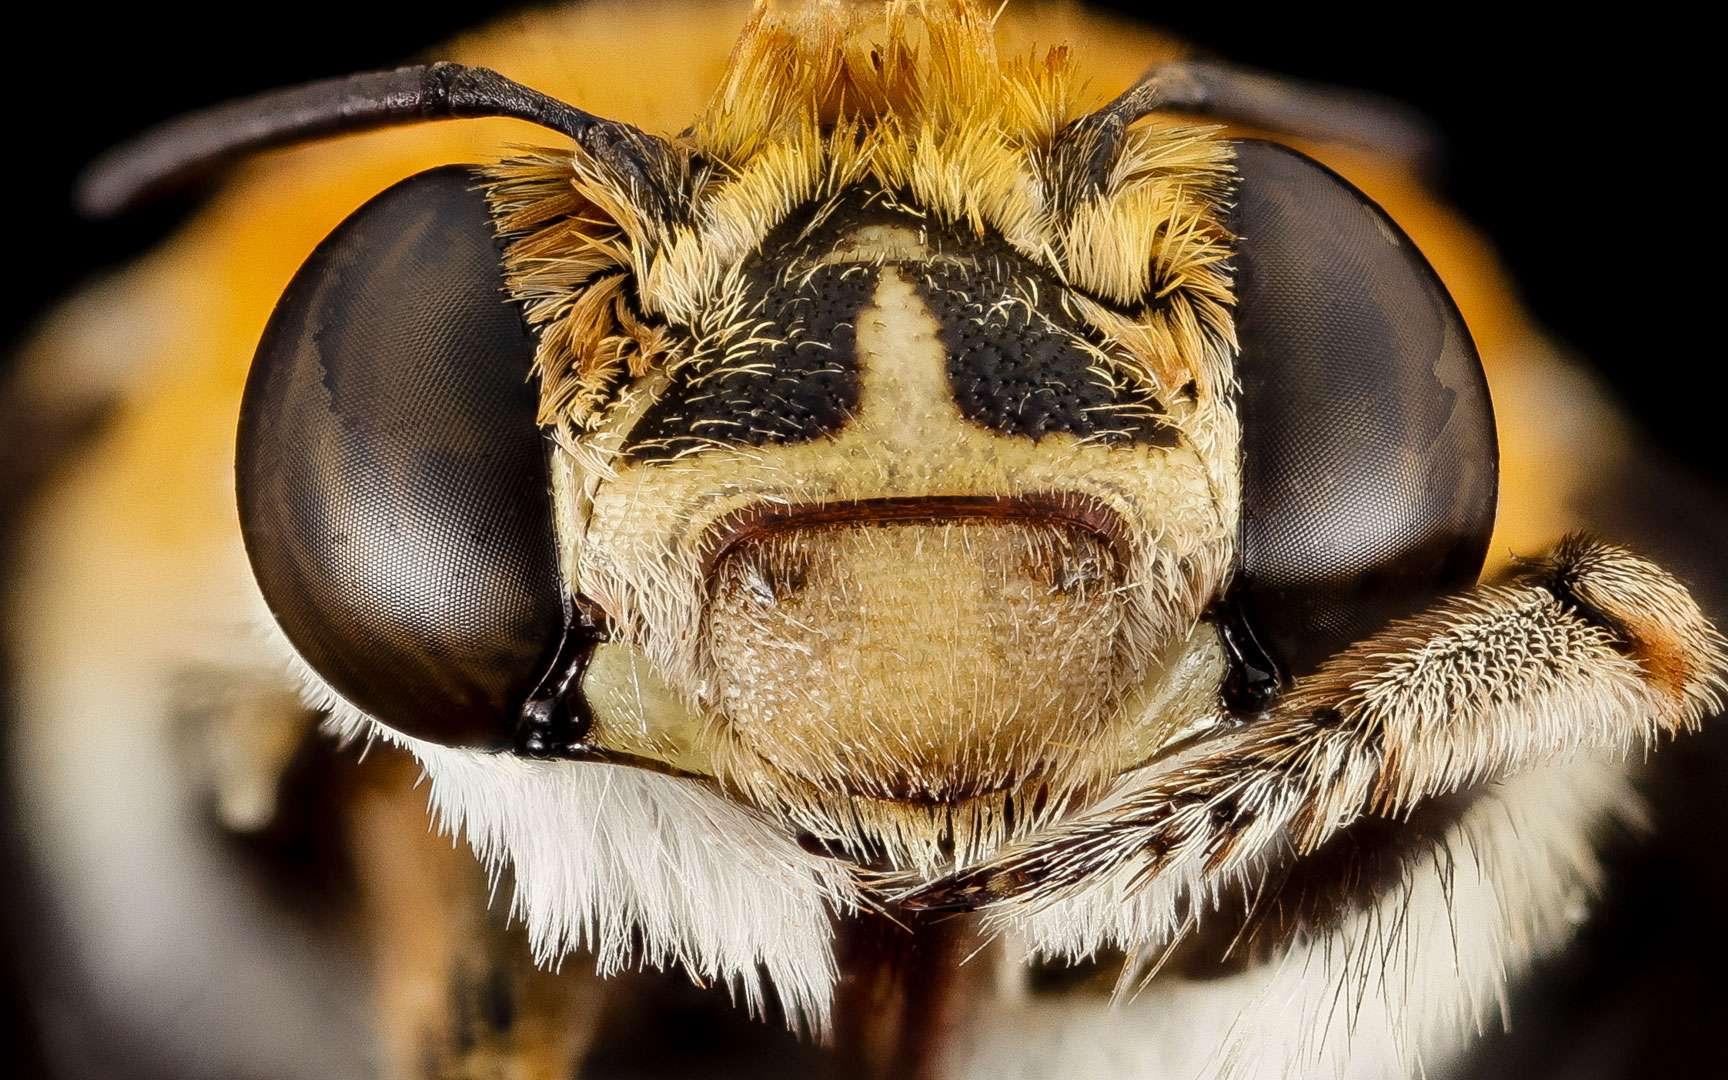 Tête d'une abeille Amegilla (Afrique du Sud). © USGS Bee Inventory and Monitoring Lab, CC by 2.0